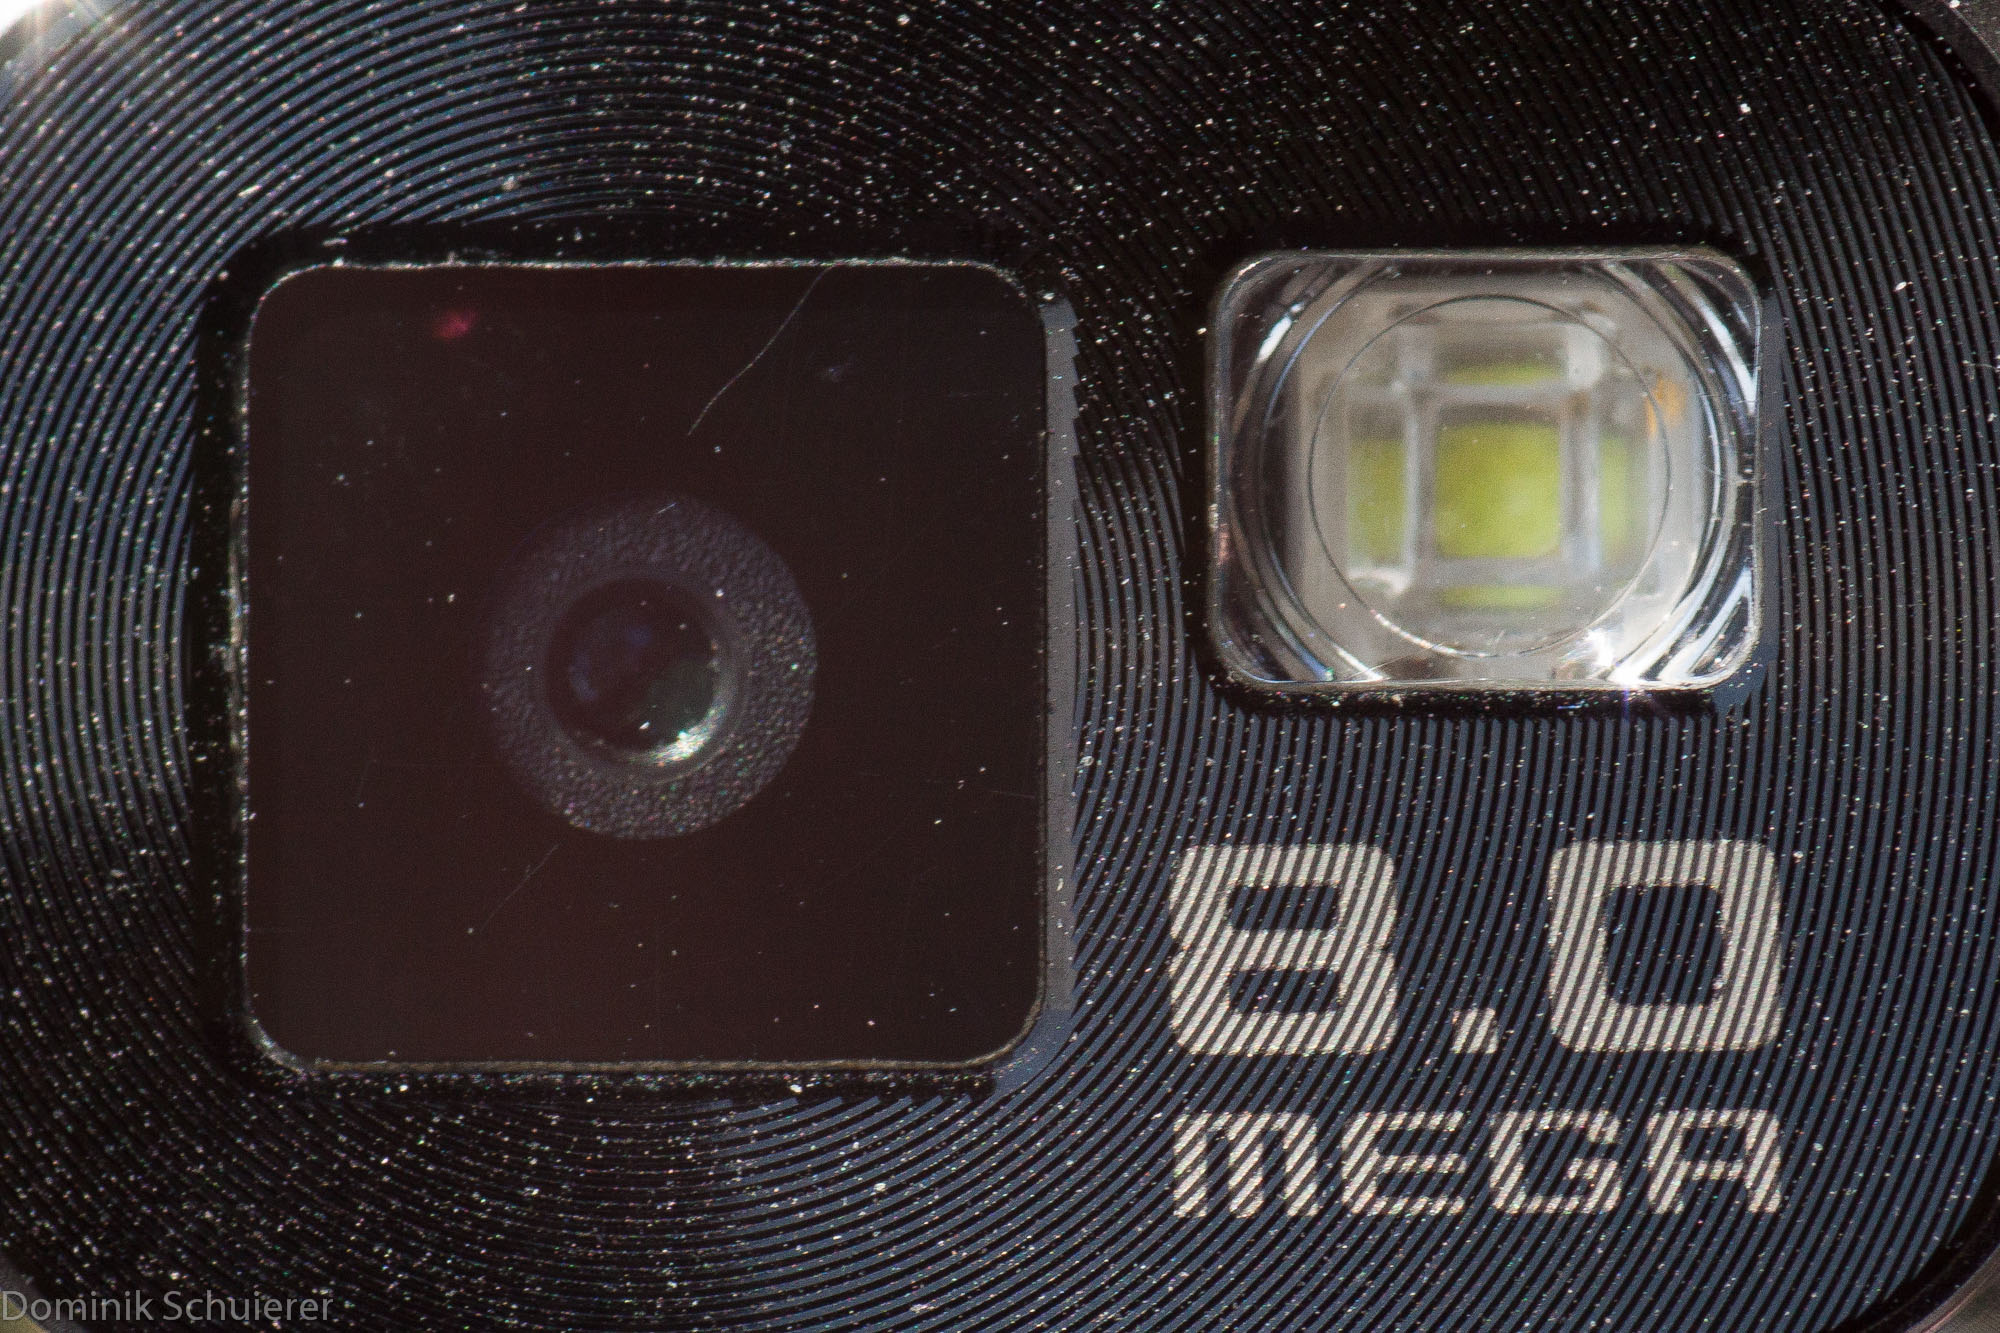 galaxy_MG_50561352_MG_5056.jpg